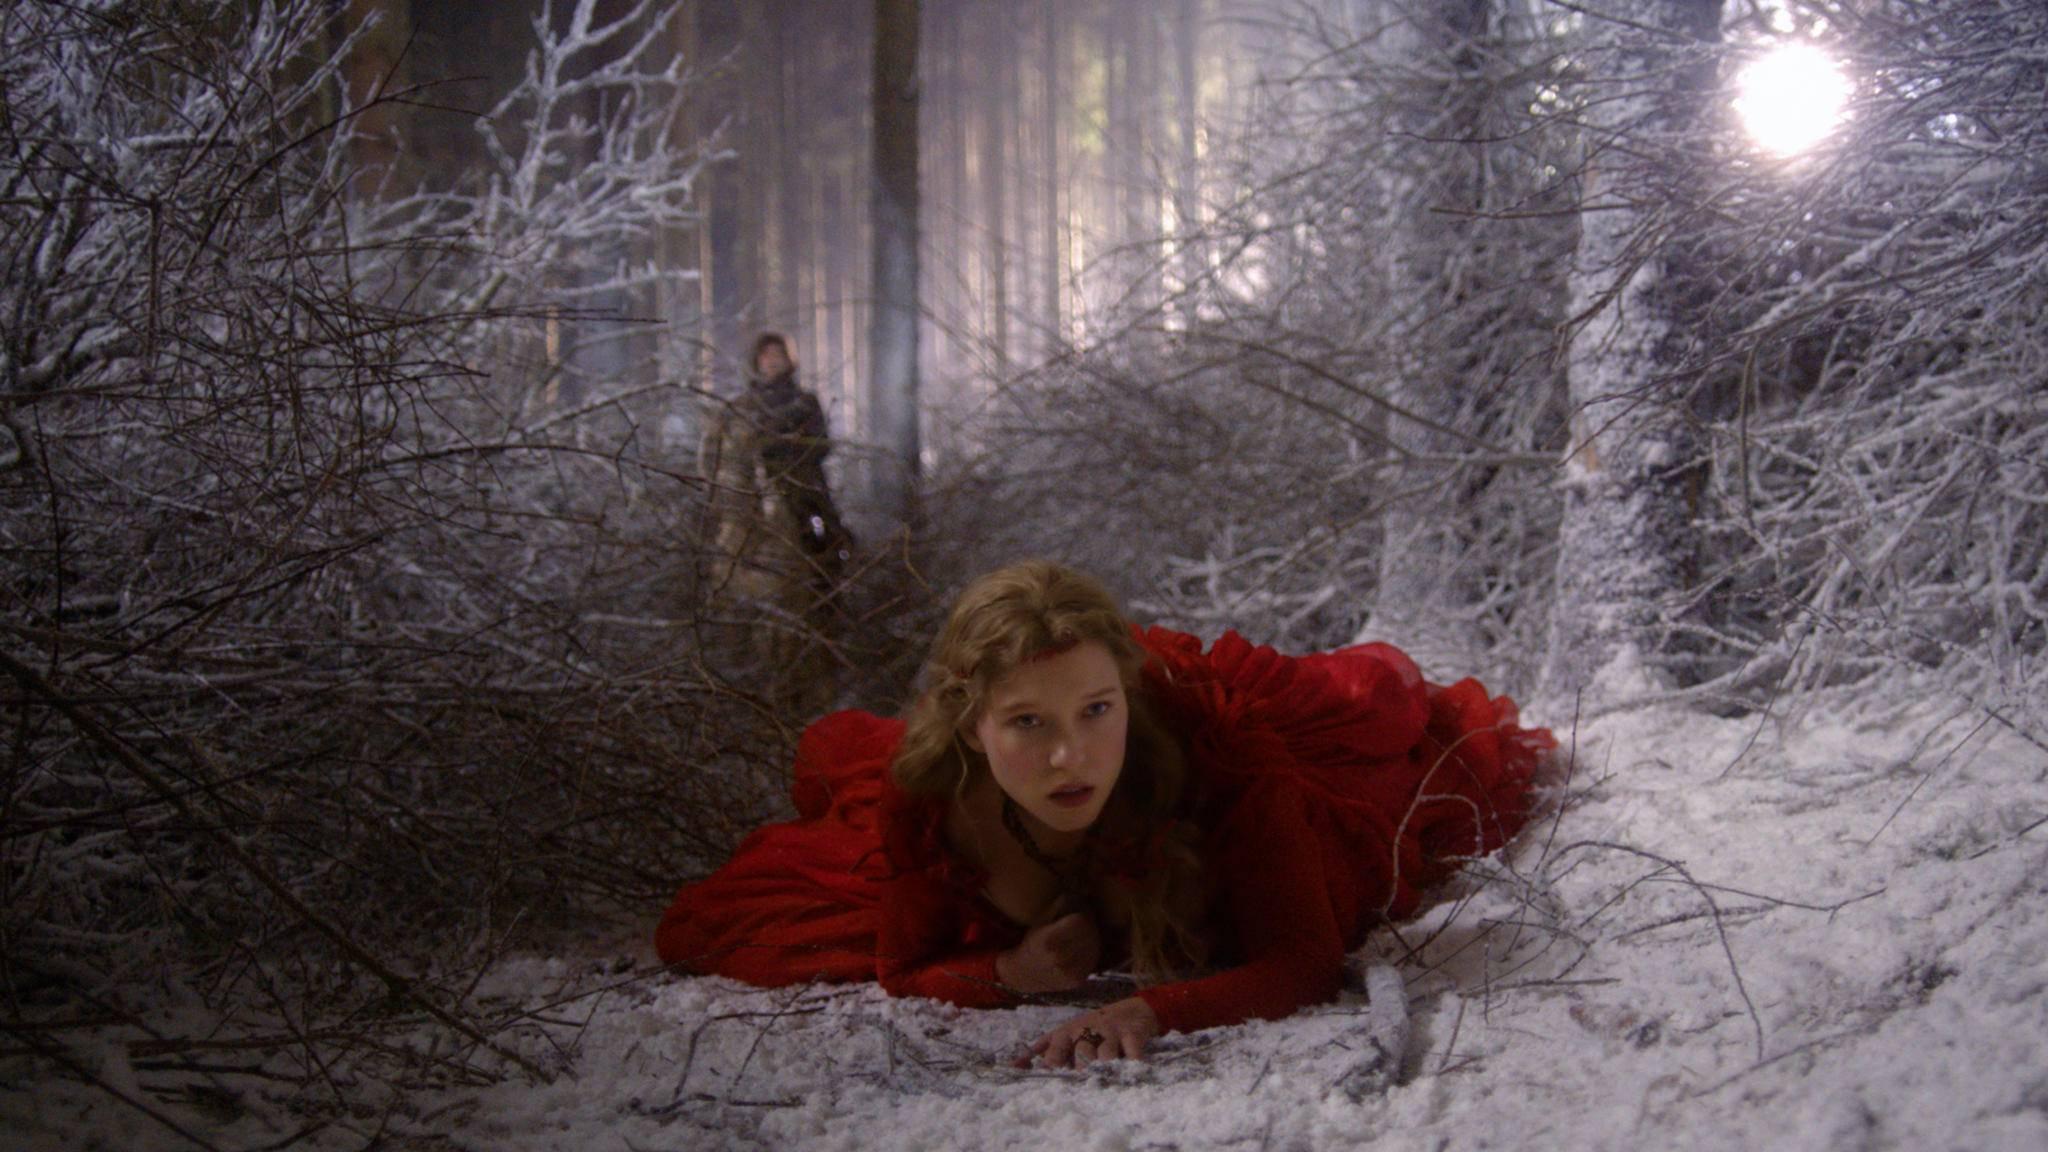 Eine Prinzessin in einem verzauberten Wald ist eine ideale Grundlage für einen unterhaltsamen Märchenstoff.